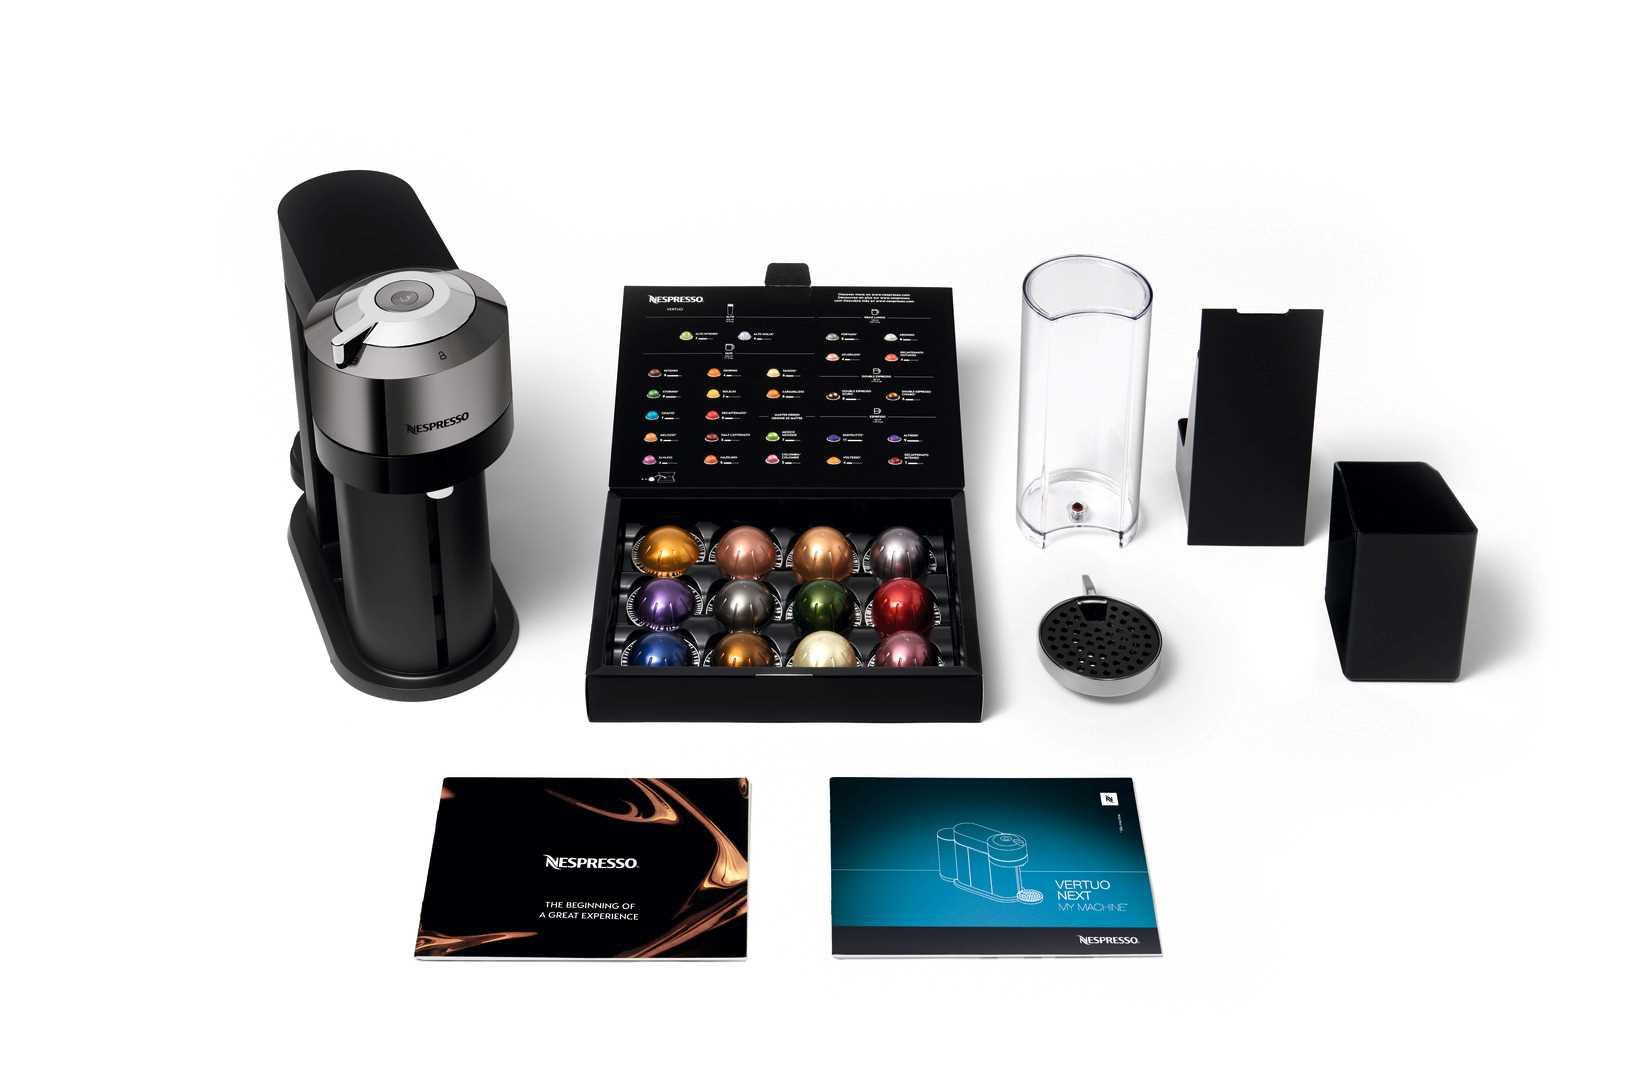 מכונת קפה NESPRESSO VertuoNext GCV1 כרום נספרסו - תמונה 5